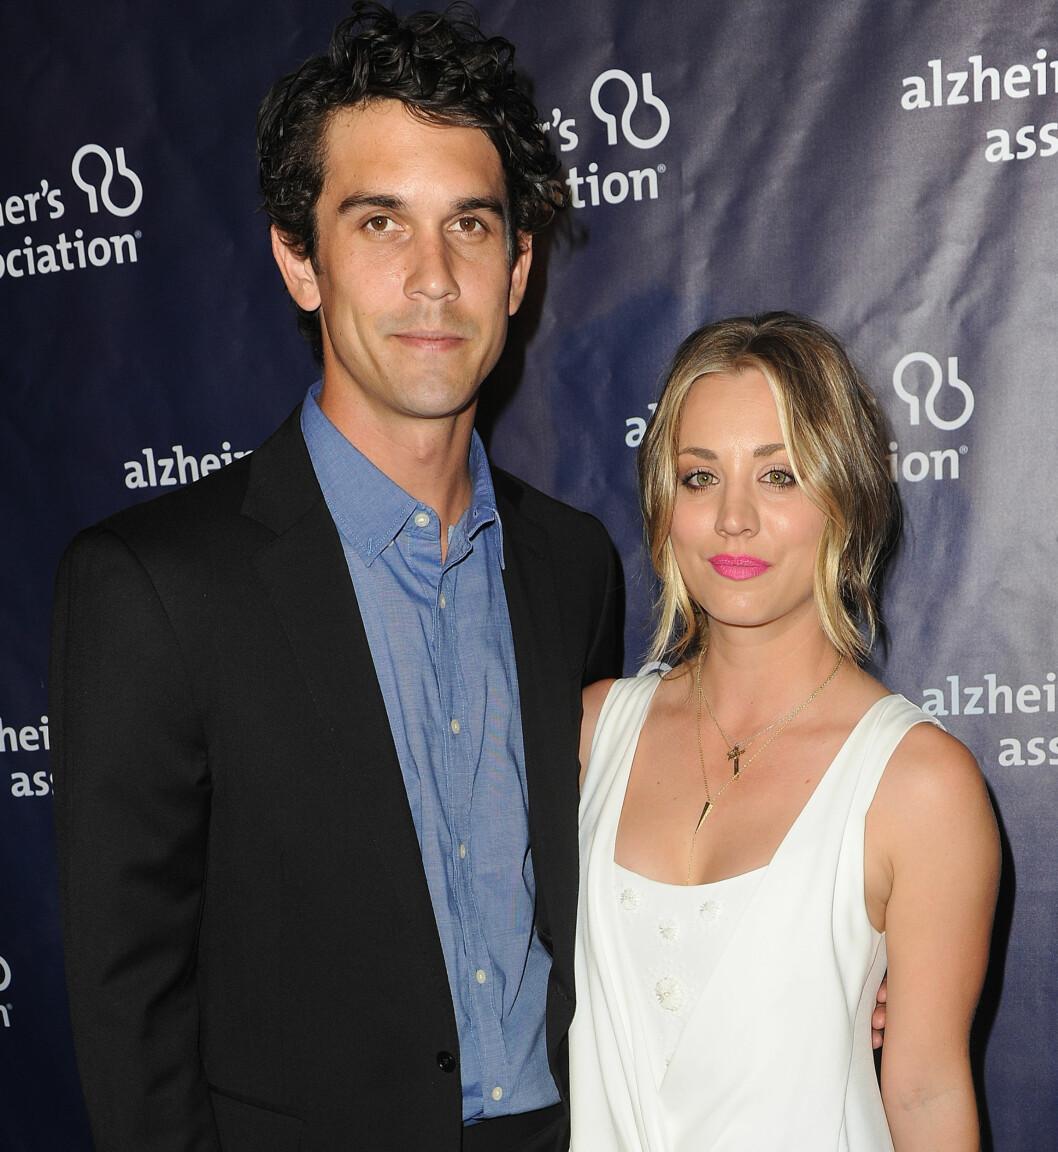 KORTVARIG EKTESKAP: Kaley Cuoco og Ryan Sweeting var gift i kun 21 måneder før bruddet ble et faktum for et halvår siden.  Foto: wenn.com